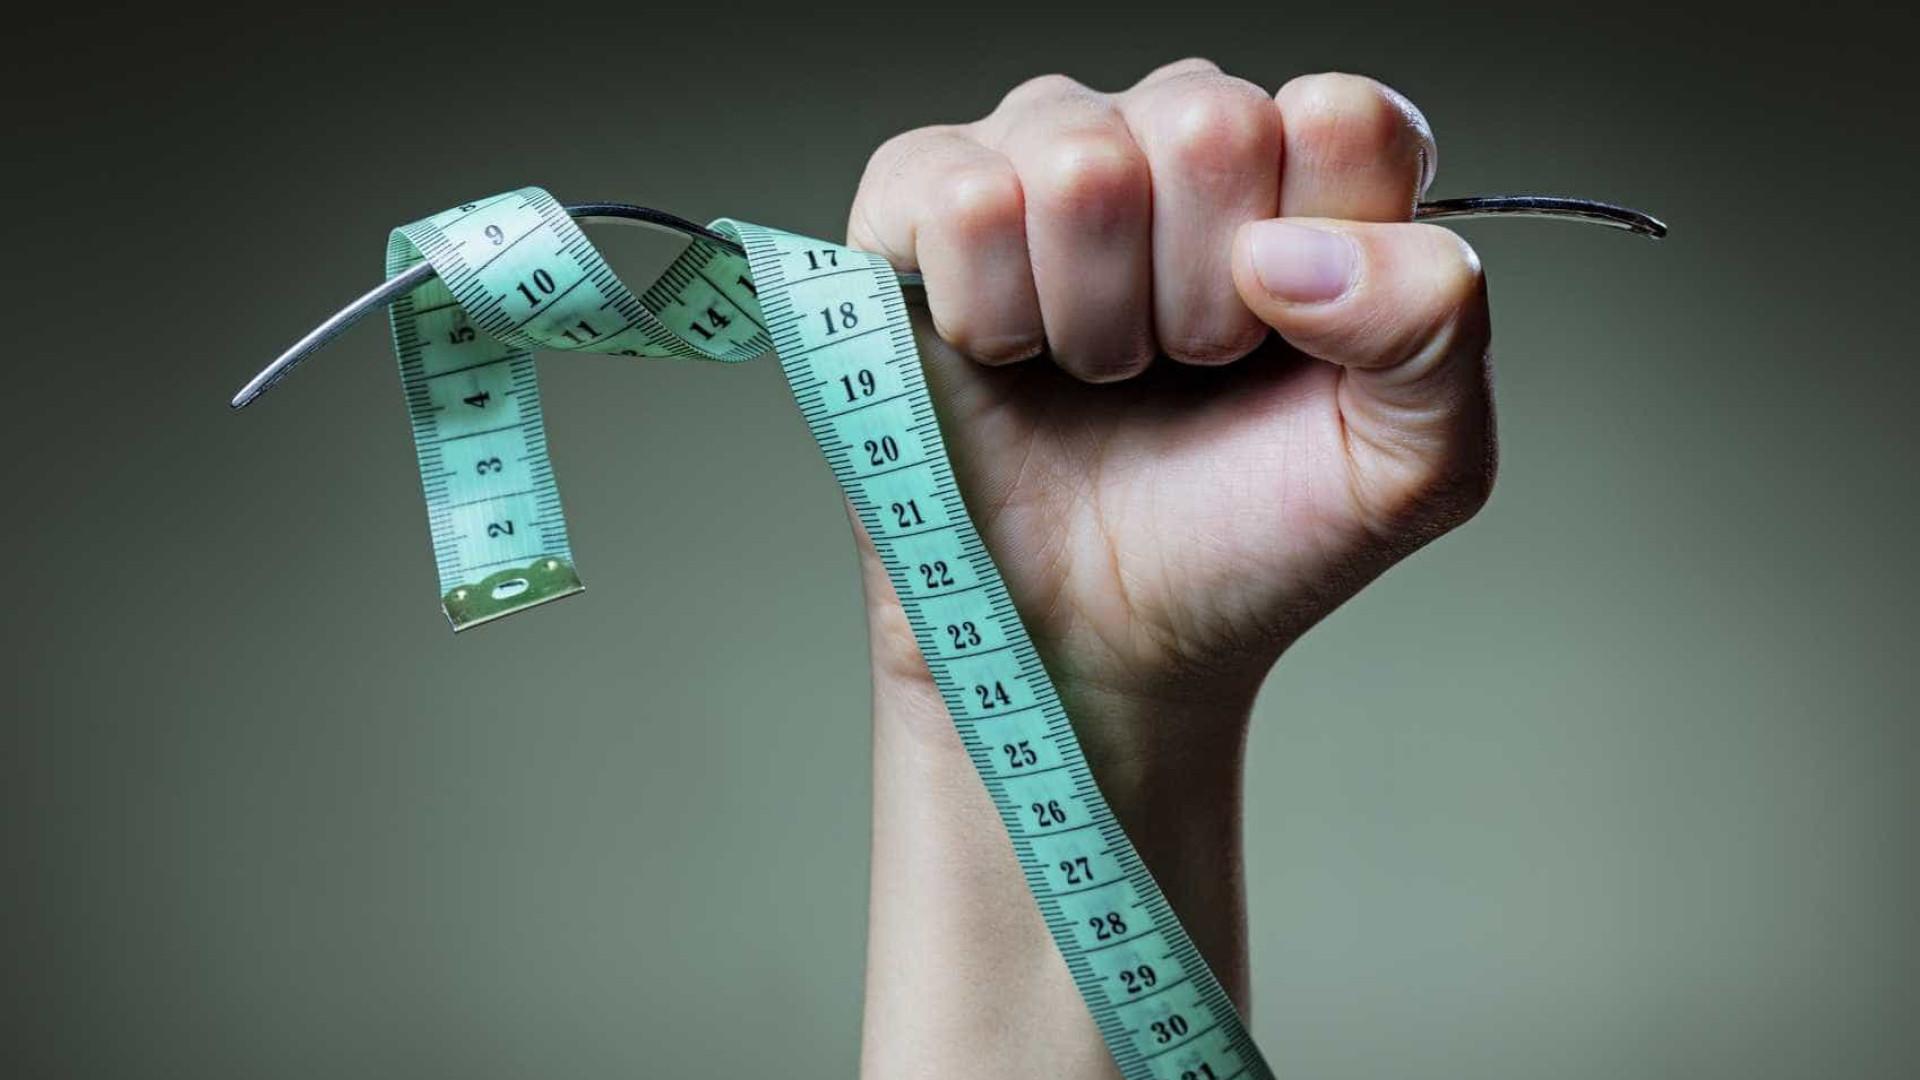 80% dieta e 20% exercício: seria este o segredo para emagrecer?